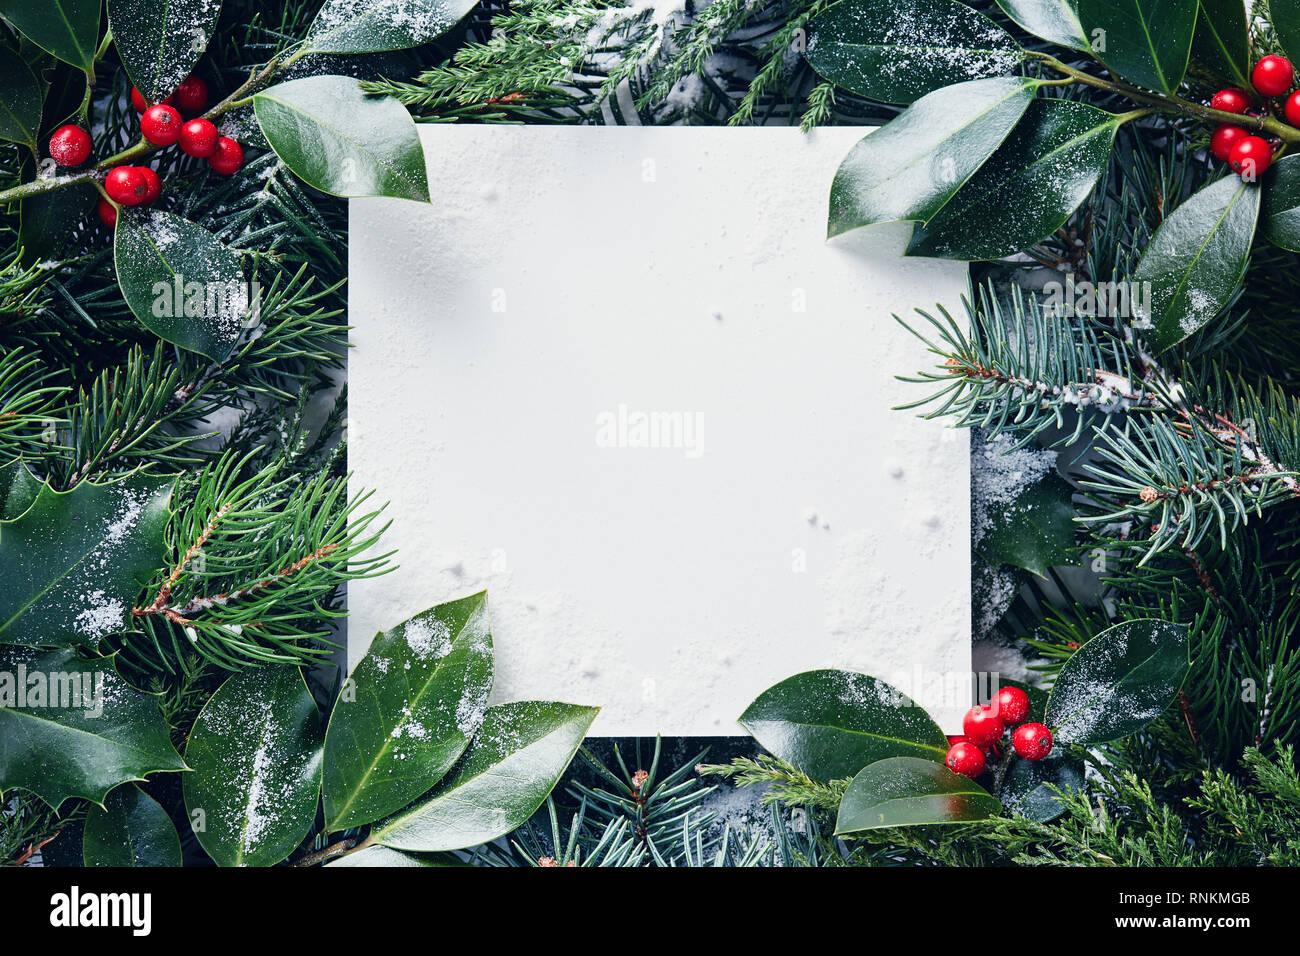 Marcos Para Fotos De Arbol De Navidad.Marco Decorativo De Las Ramas De Un Arbol De Navidad Y Bayas